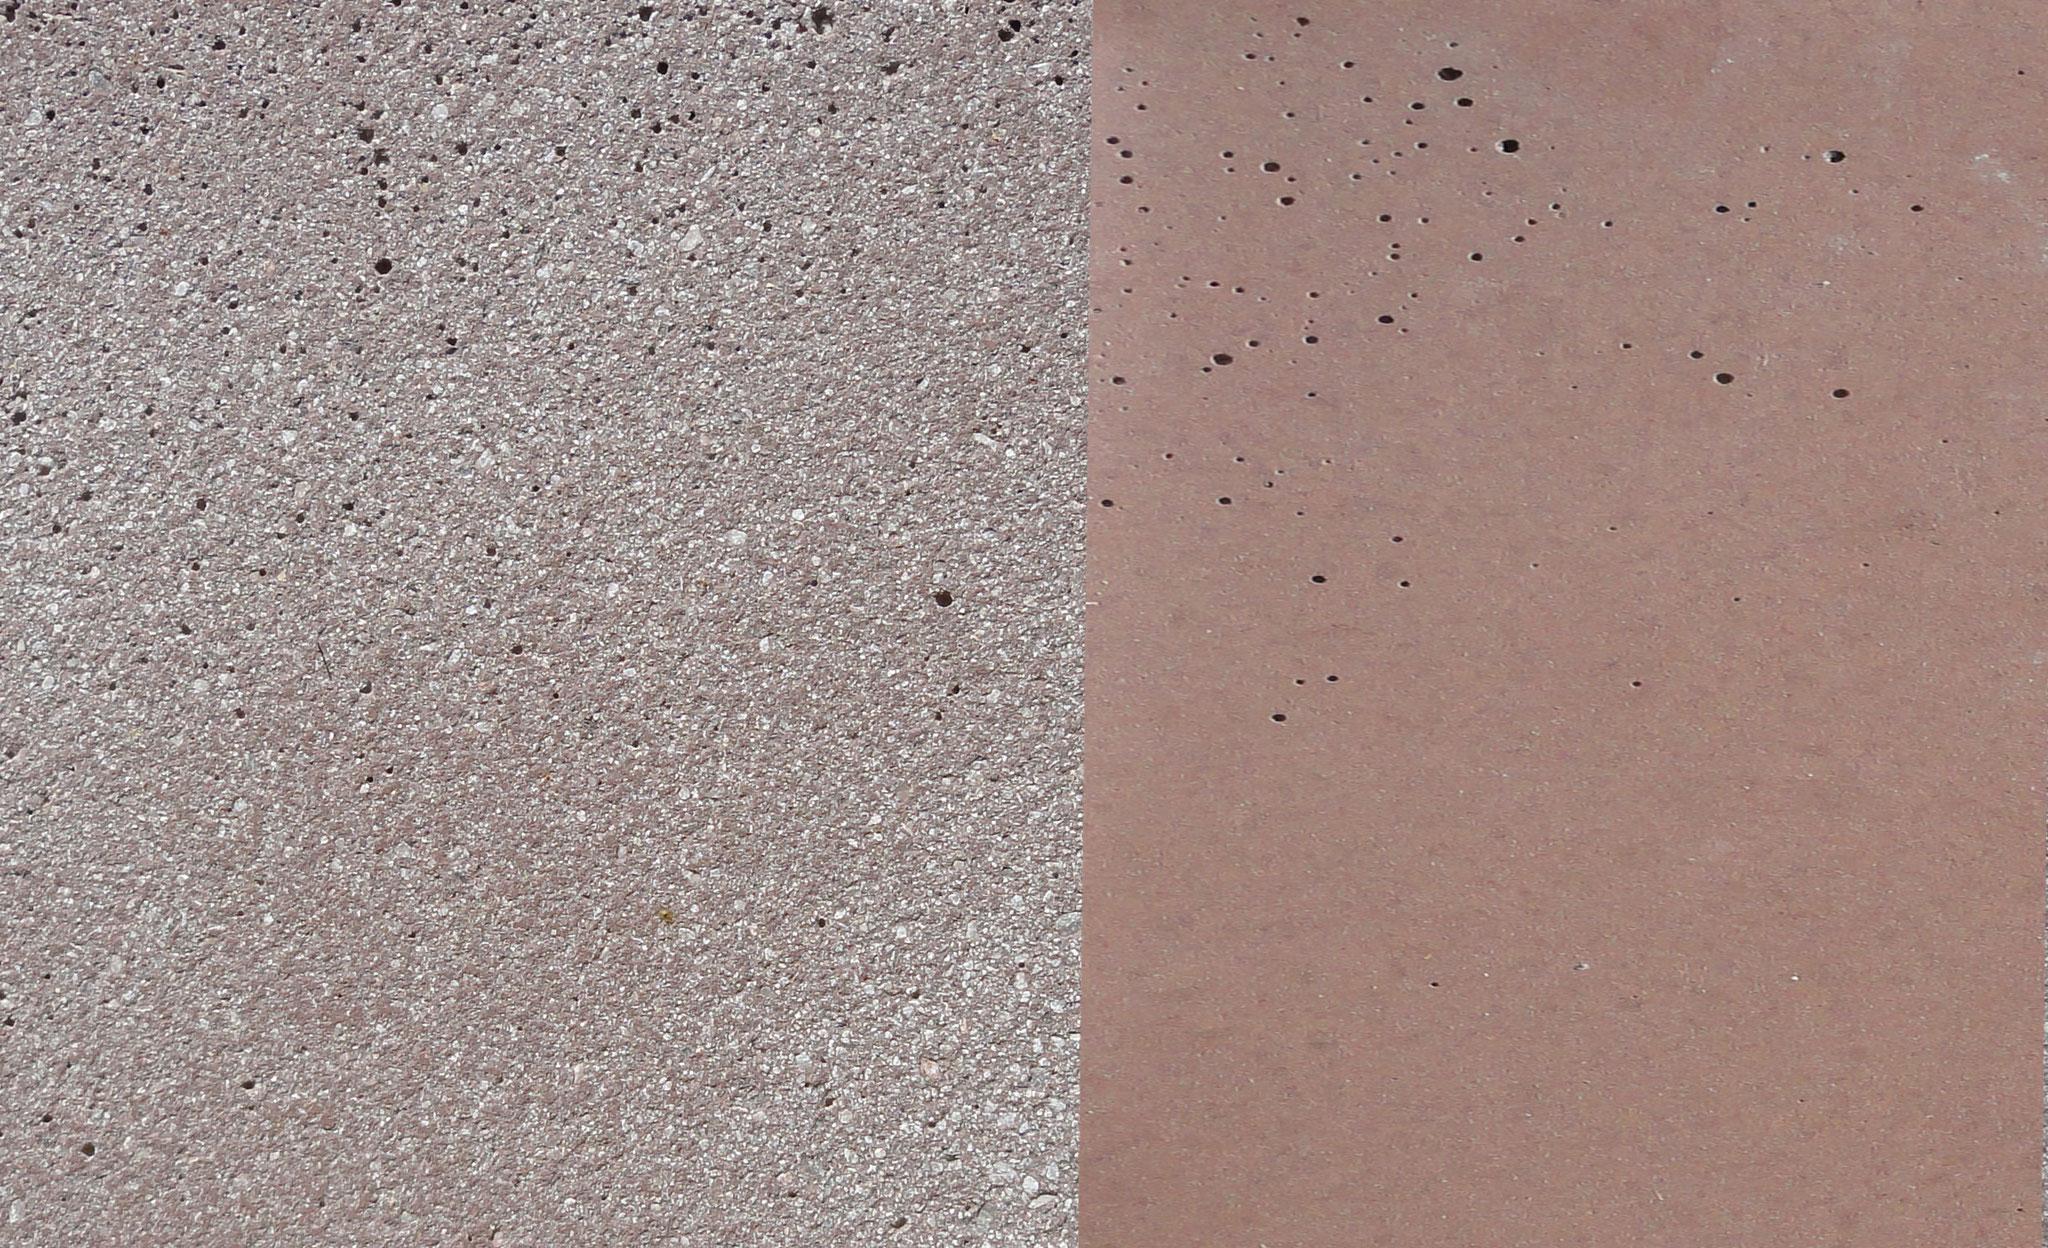 Farbe: rot-grau, Farbnummer: 6, sandgestrahlt/schalrein